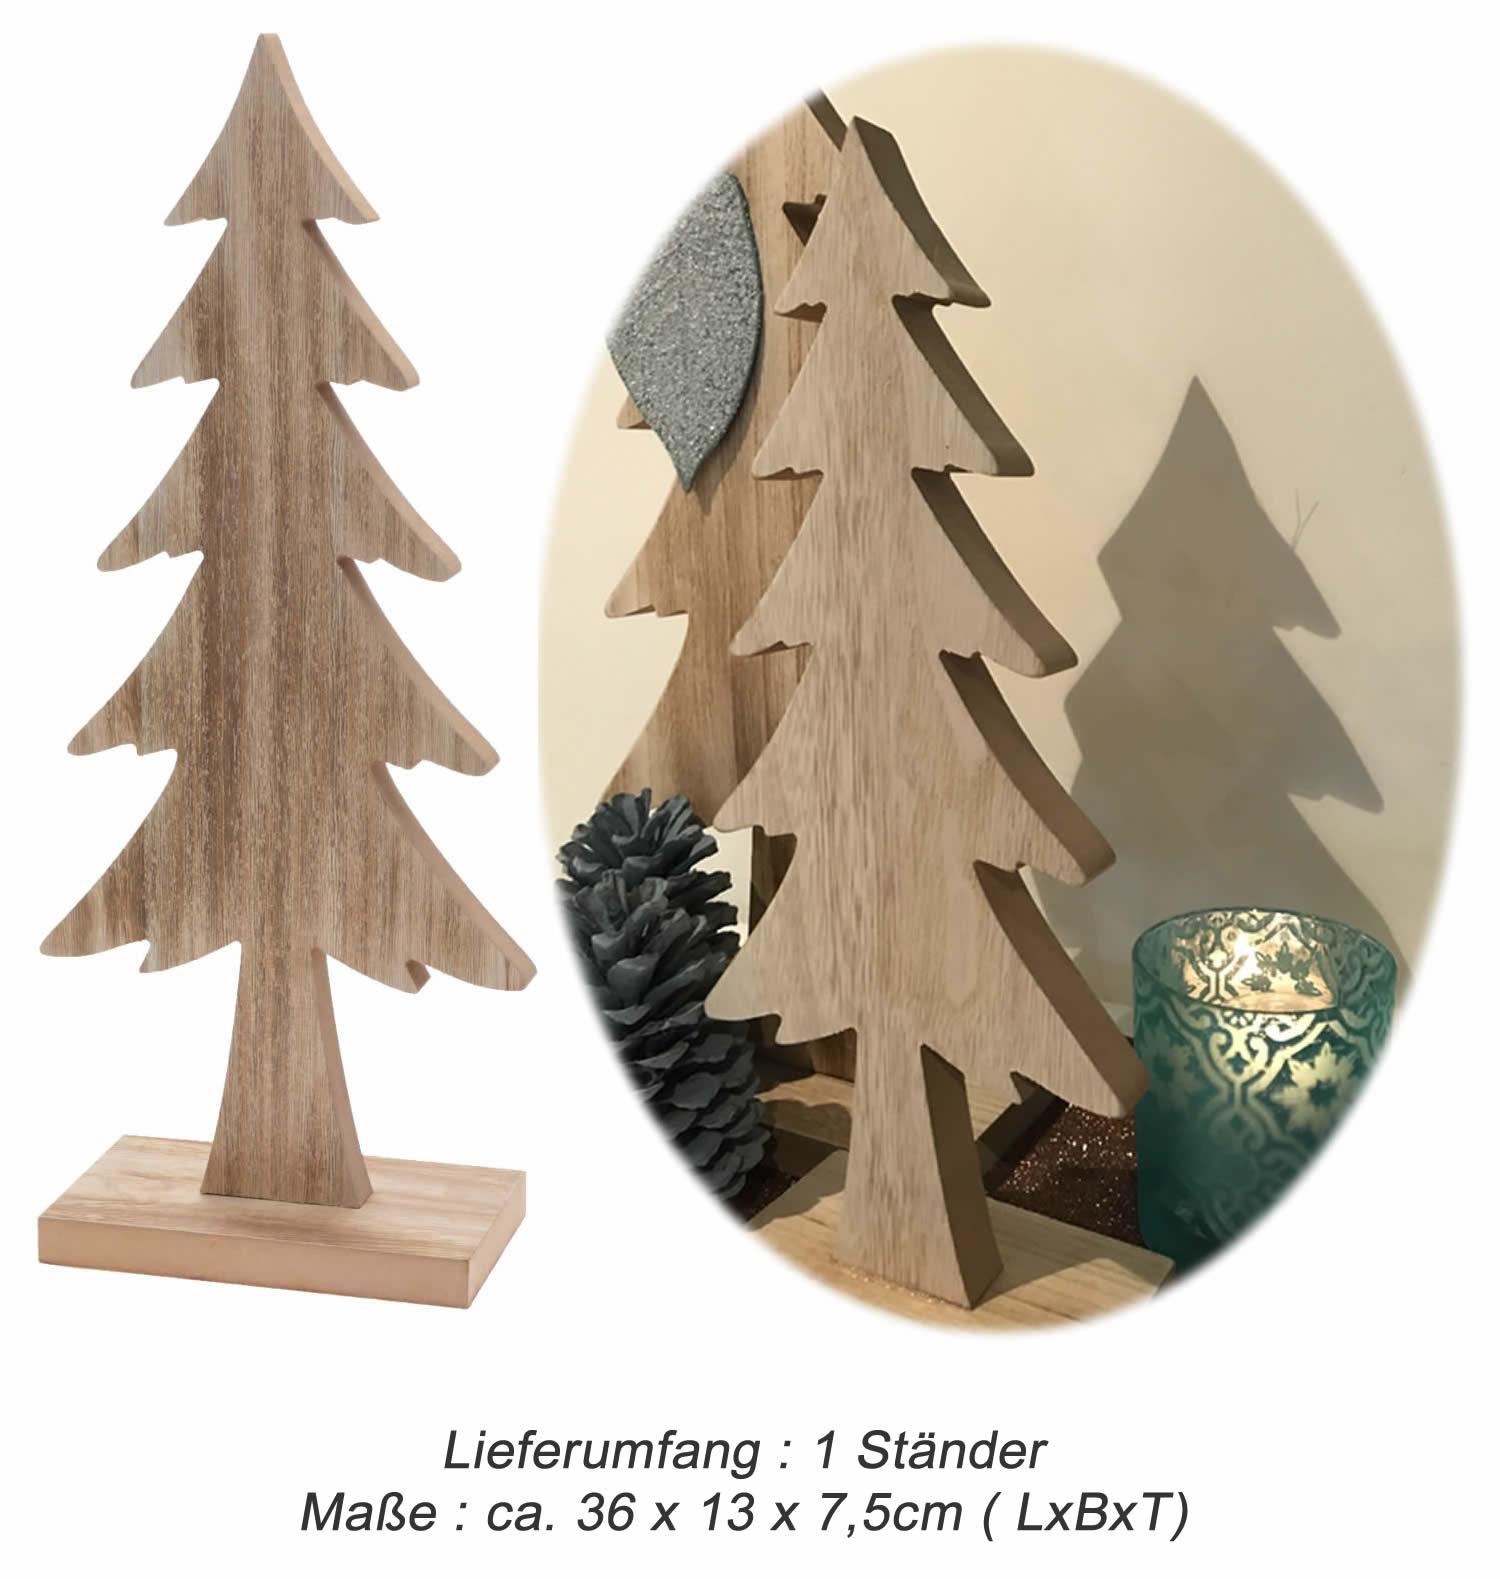 Holz Tannenbaum Groß.Deko Tannenbaum Holz Groß